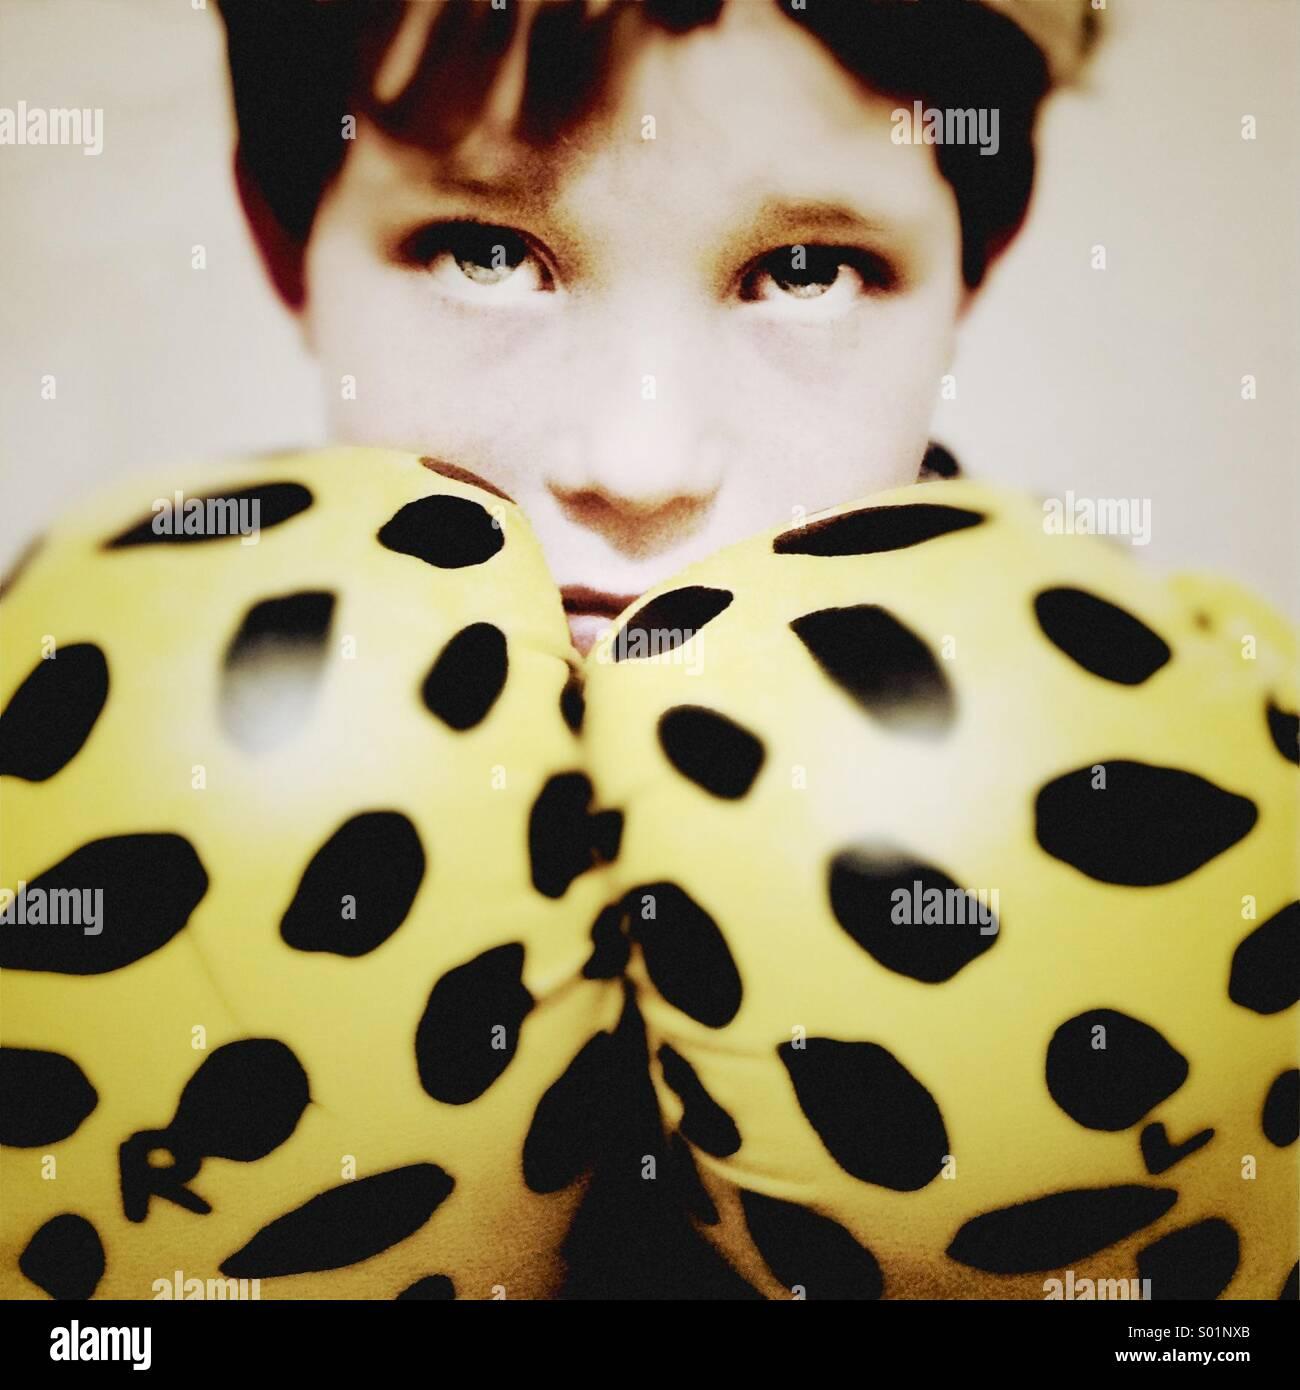 Jeune garçon portant des gants de boxe a l'air de grands yeux sur une posture défensive Photo Stock